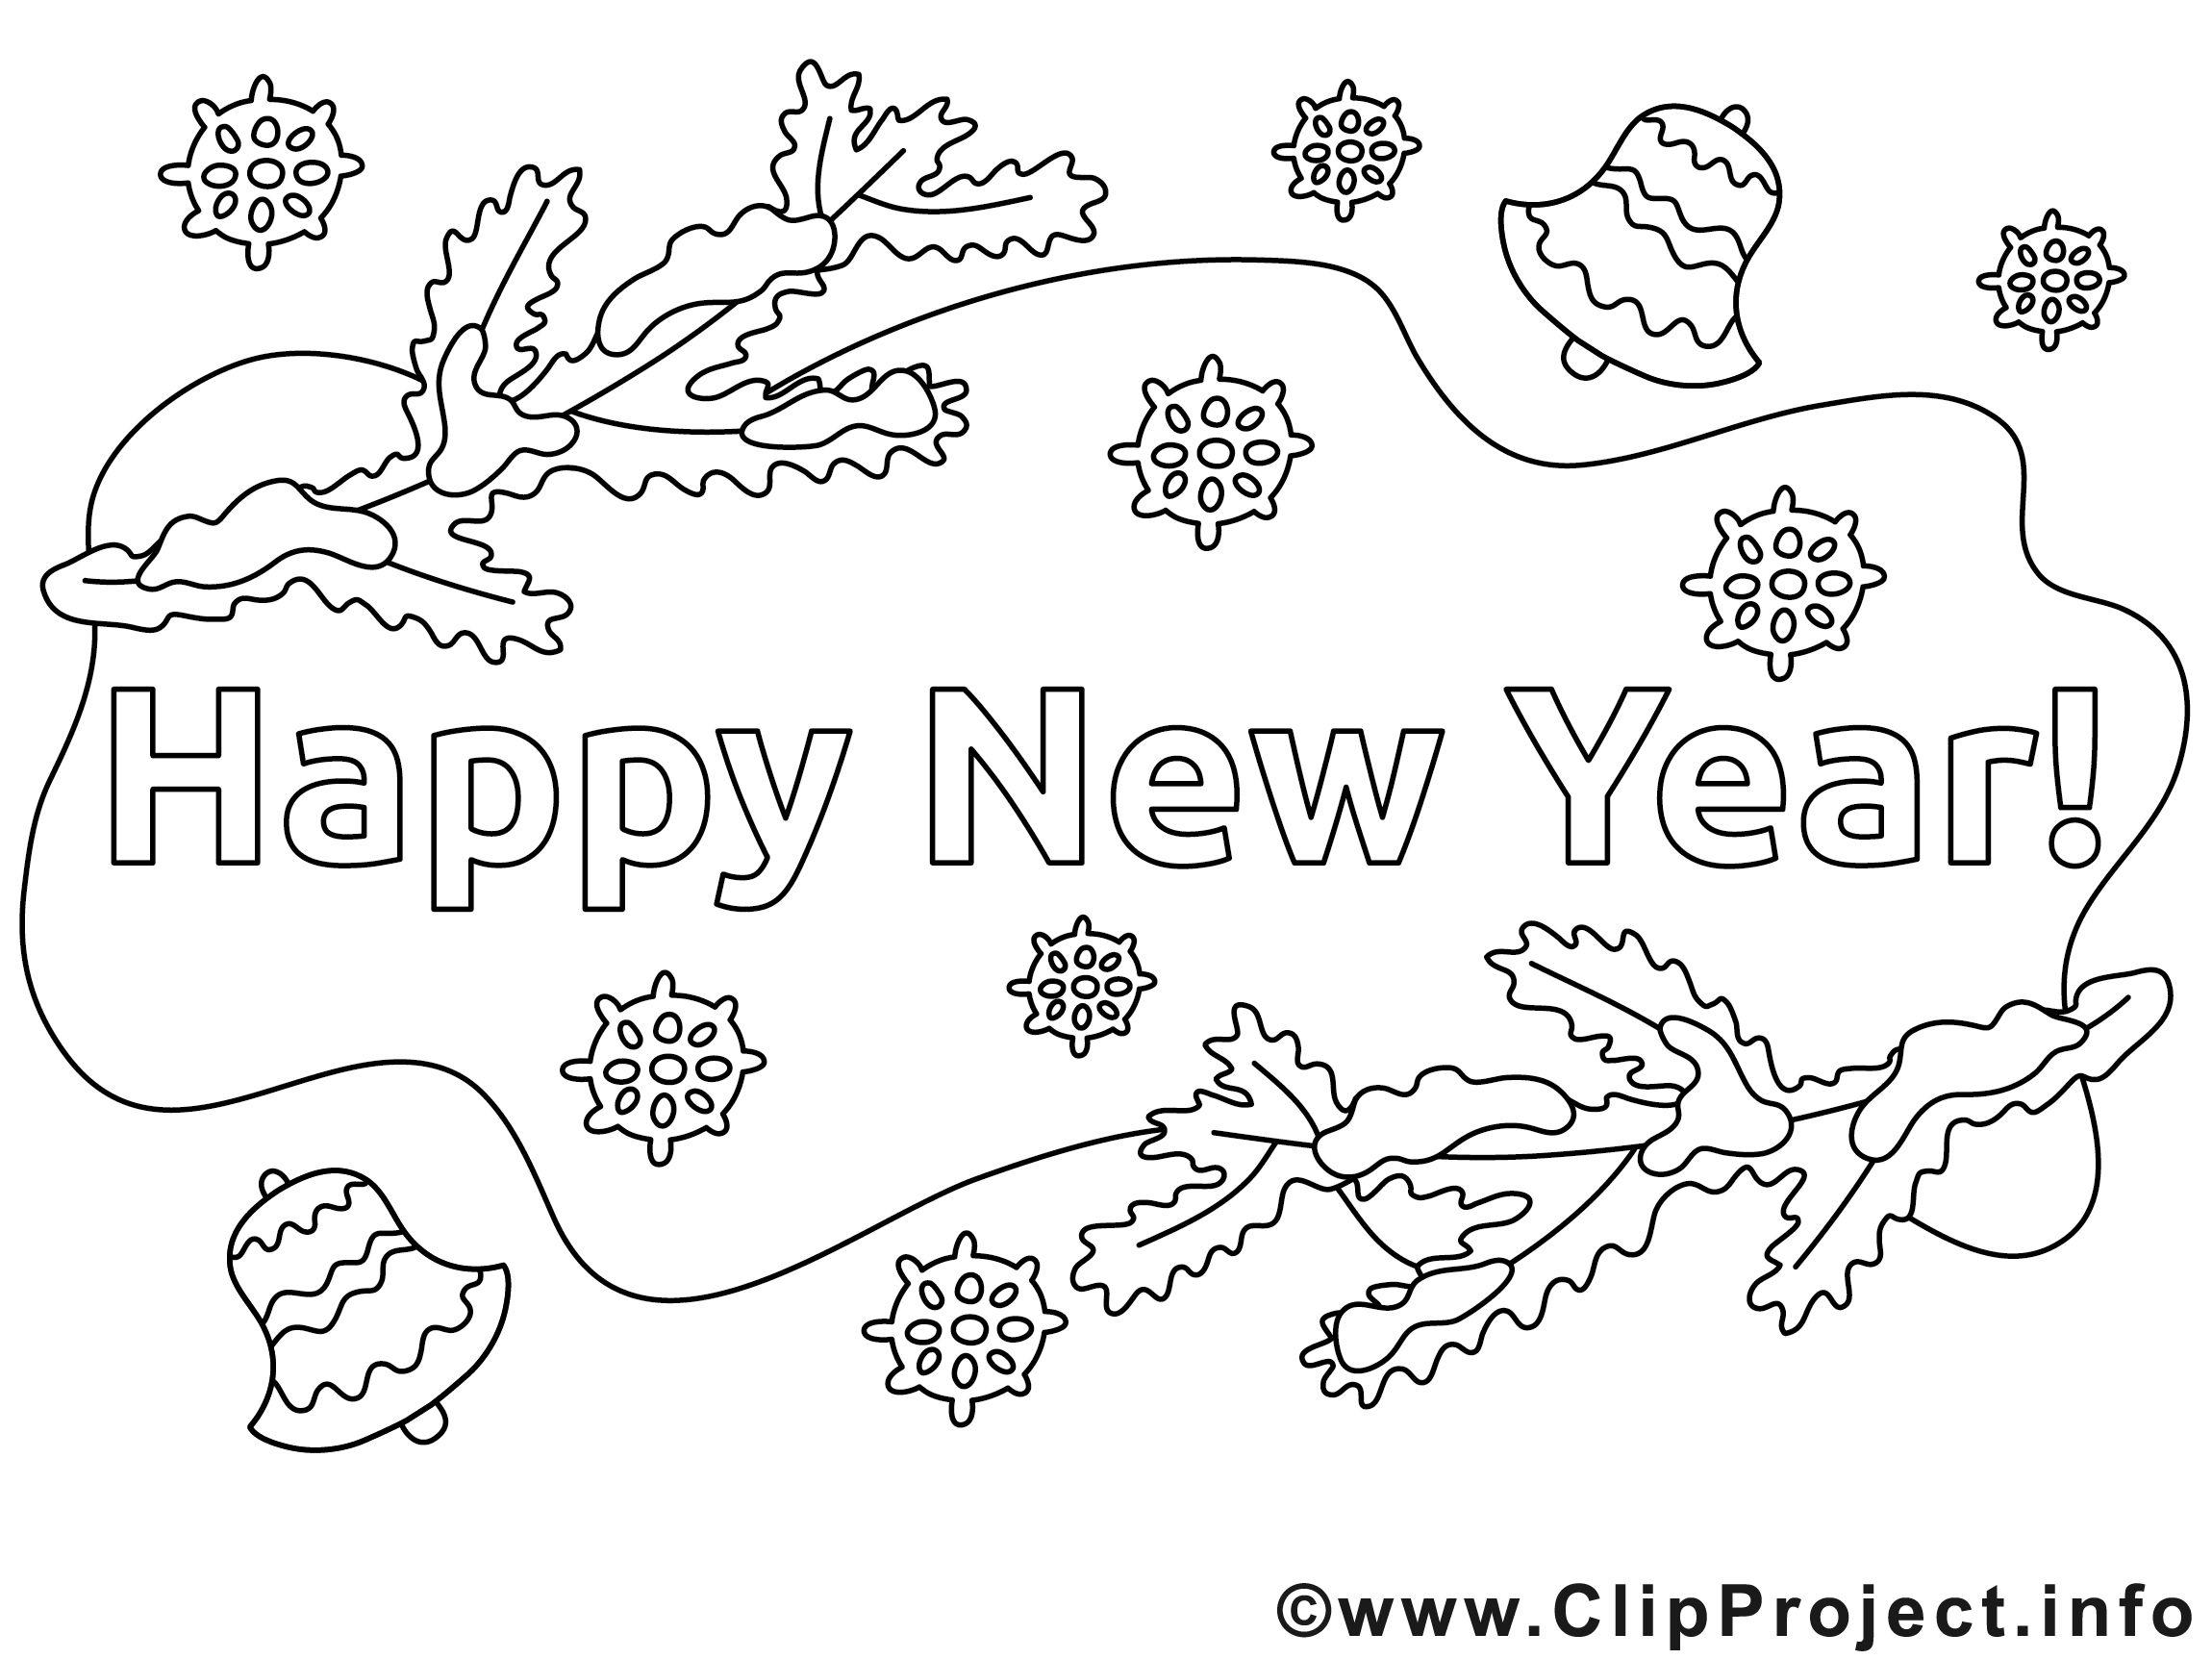 Malvorlagen Silvester Neujahr Ausmalbilder um ✐ mehr als Seiten Sie für einen Spaß zu färben Malvorlagen Silvester Neujahr Ausmalbilder kostenlos